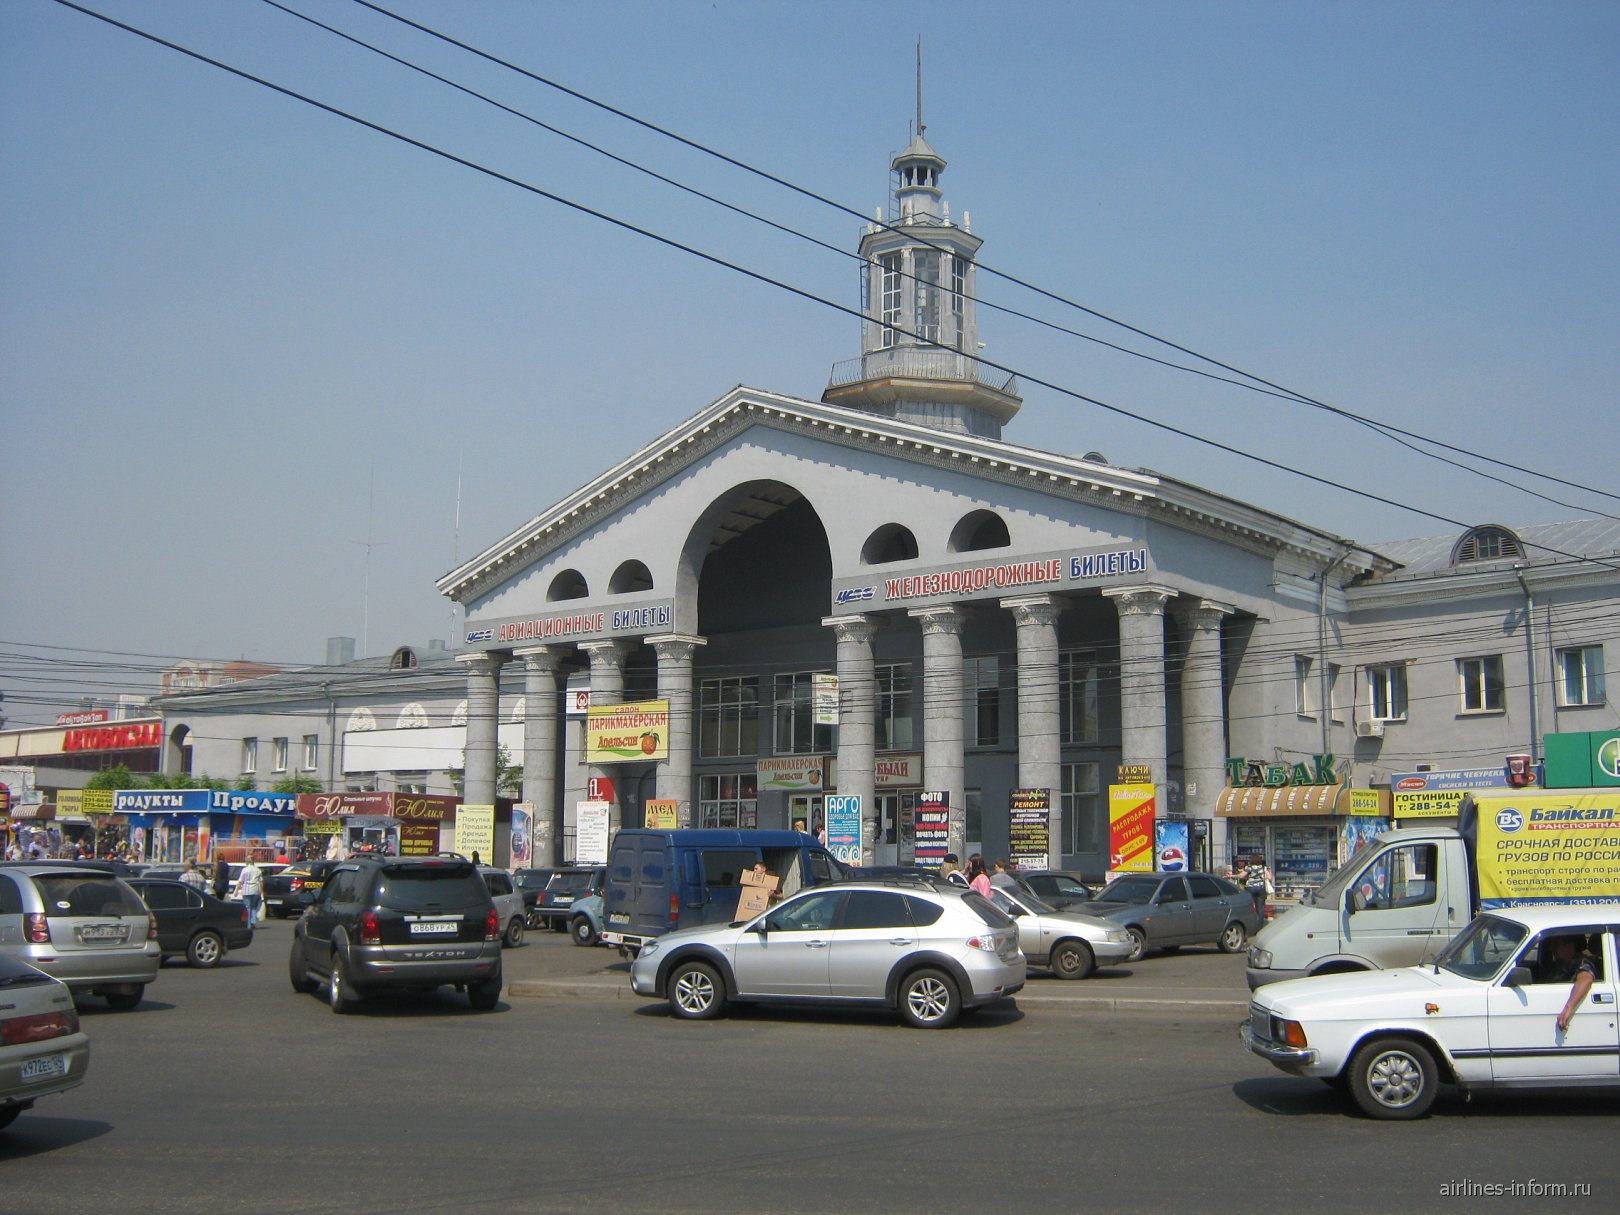 Старый аэропорт Красноярска